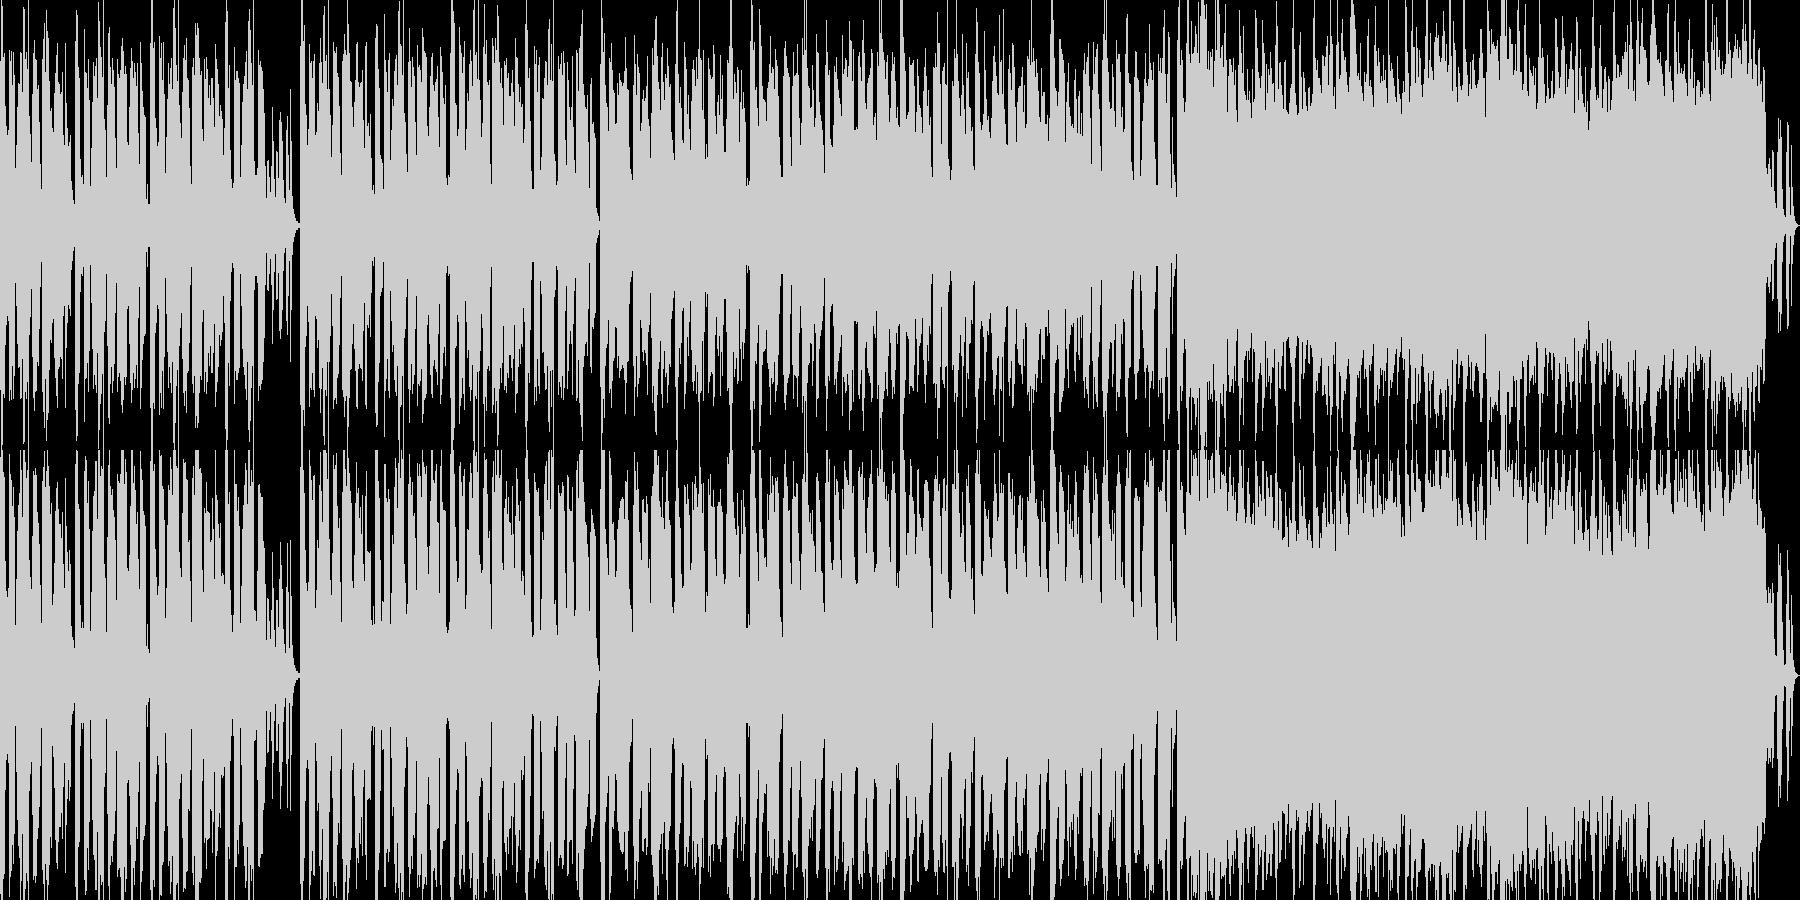 ほのぼのした明るいBGMの未再生の波形